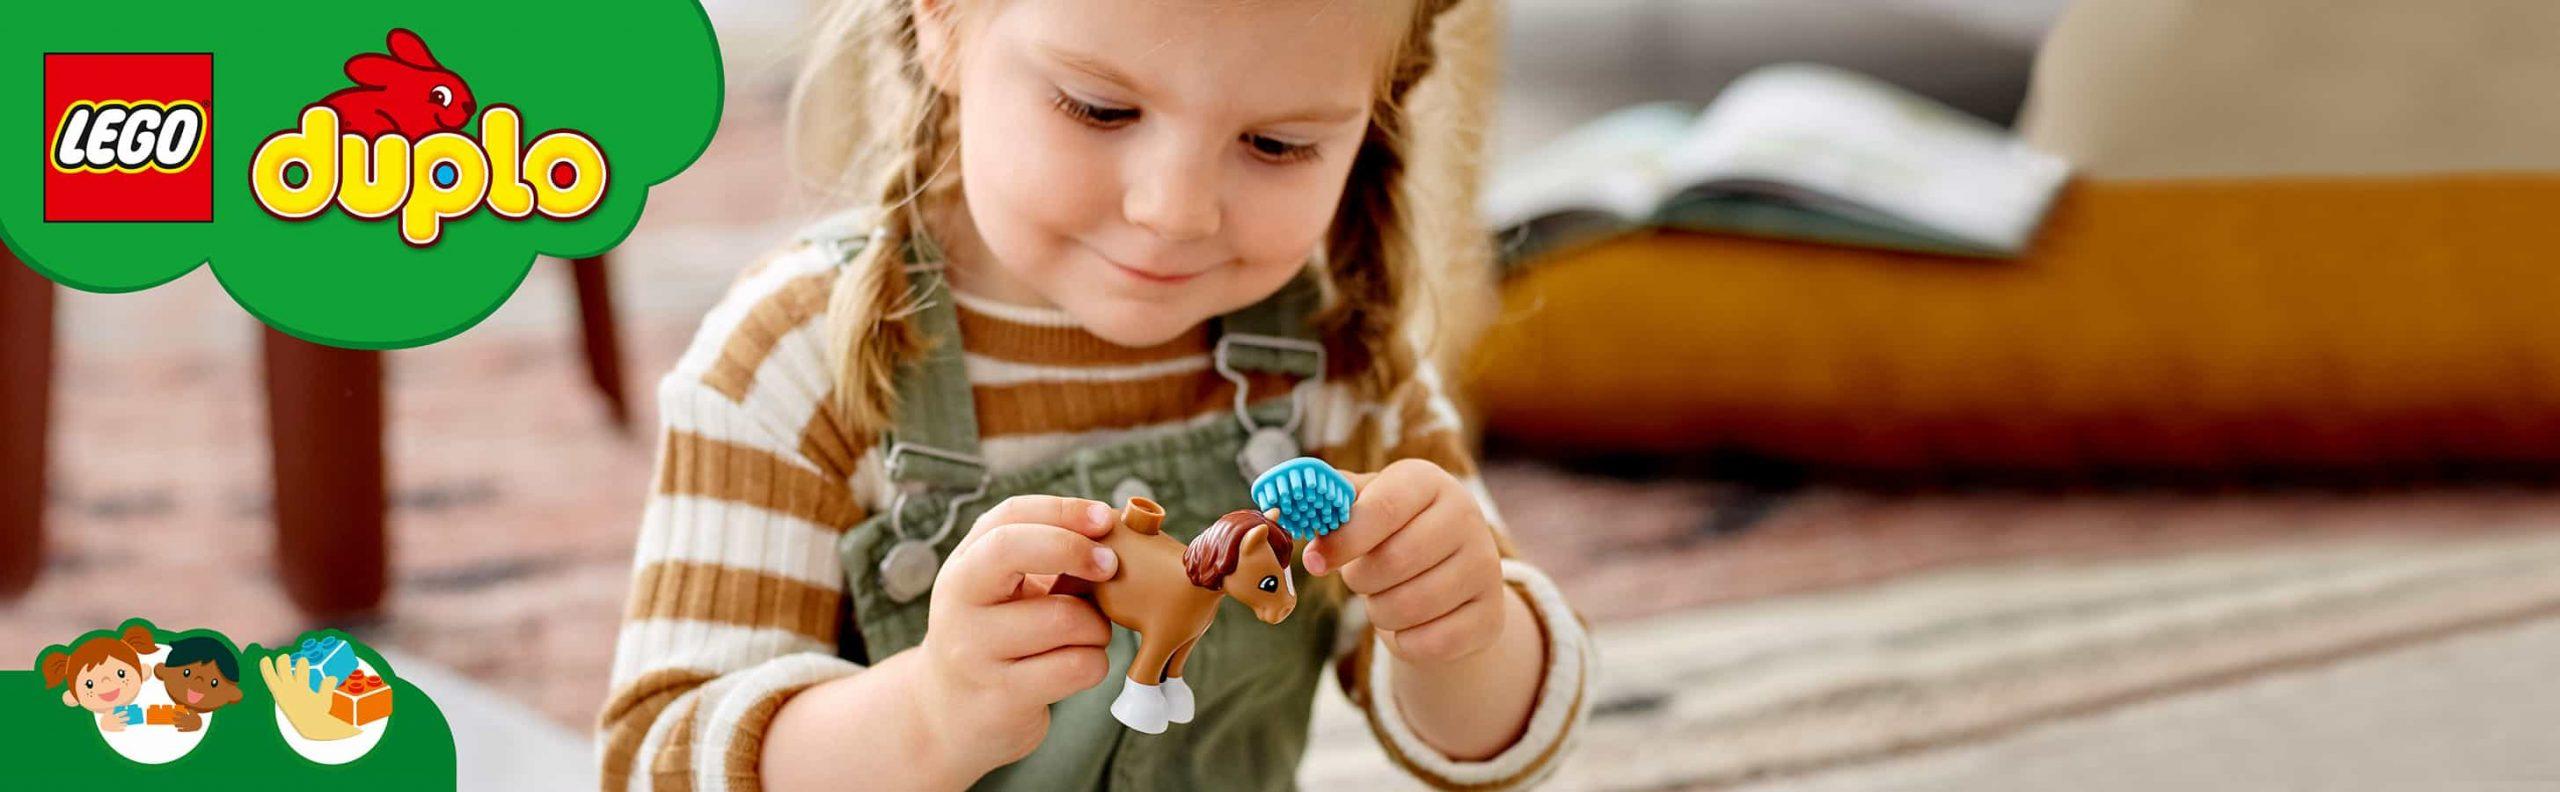 warten auf das Haustier: Mit dem LEGO DUPLO Bauernhof Set haben kleine Tierfreunde großen Spaß